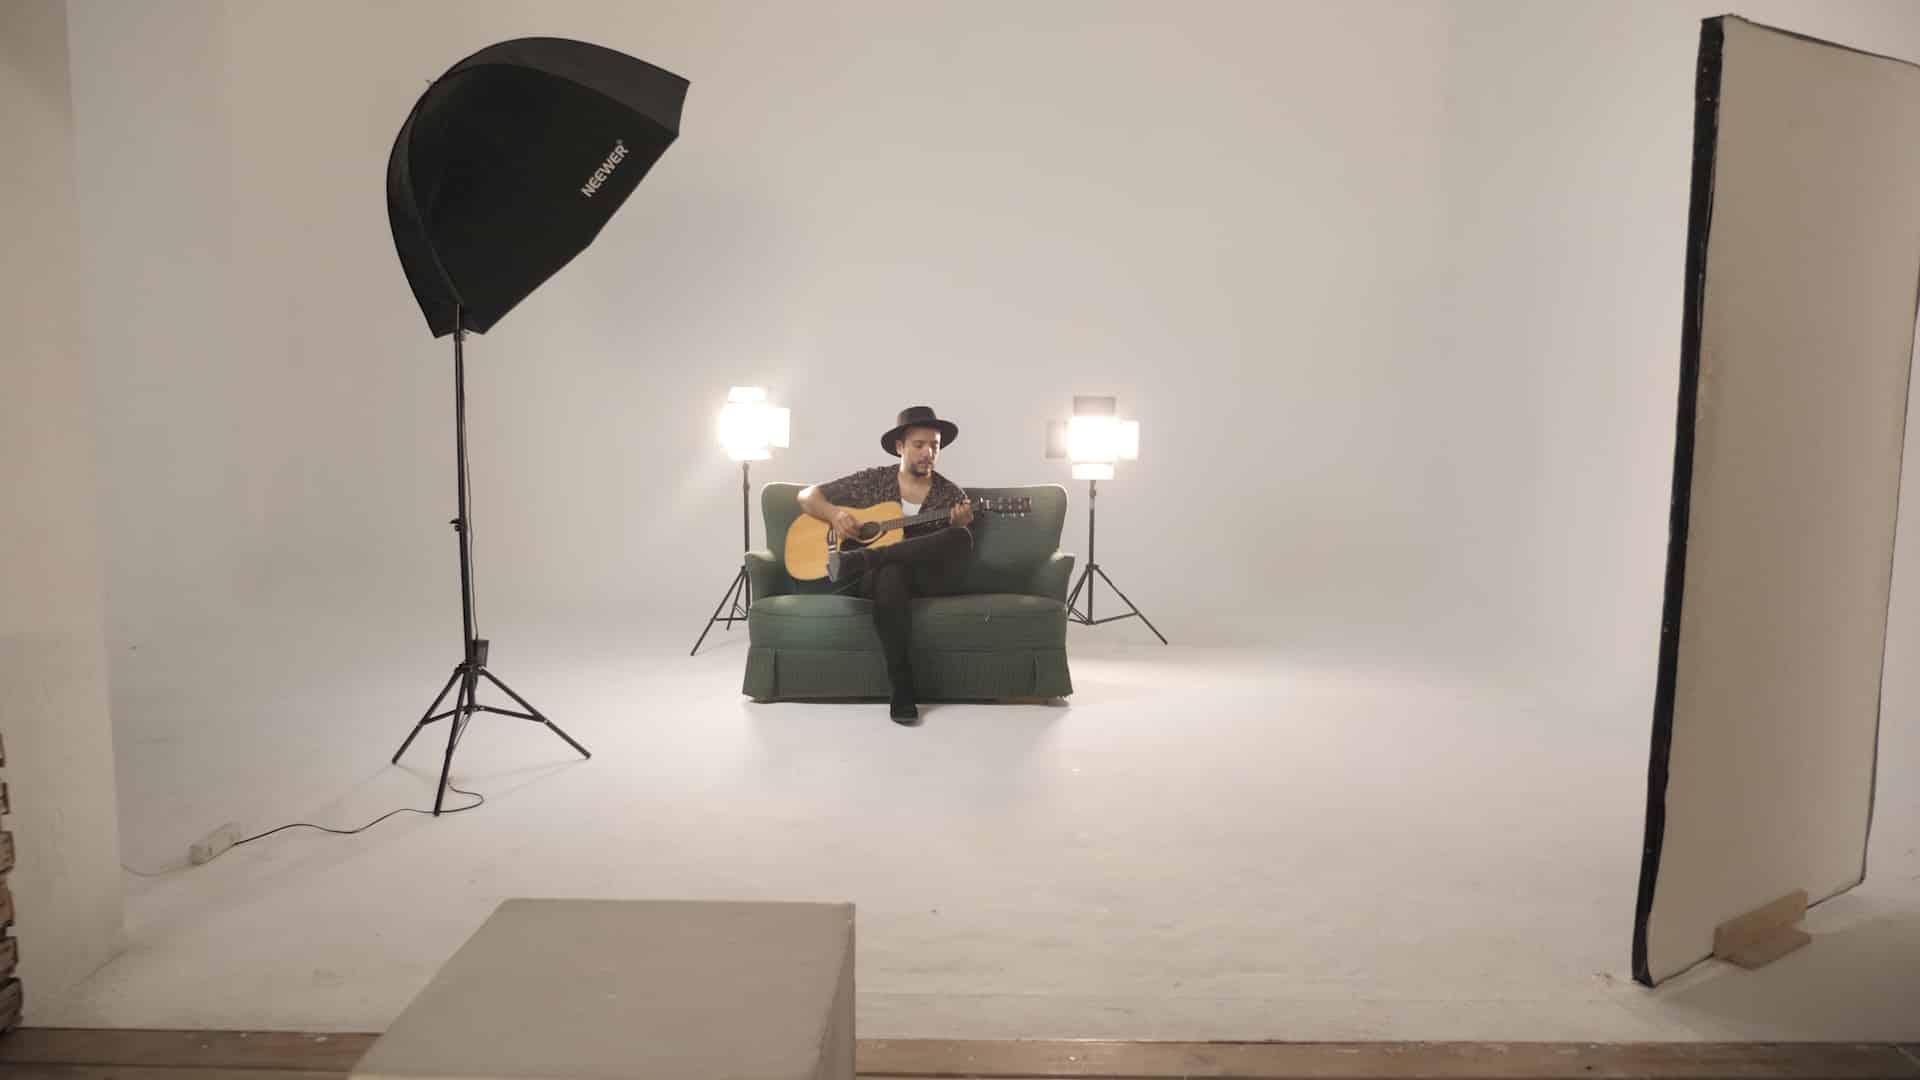 Grabación videoclip en estudio José Villaescusa Producciones Audiovisuales